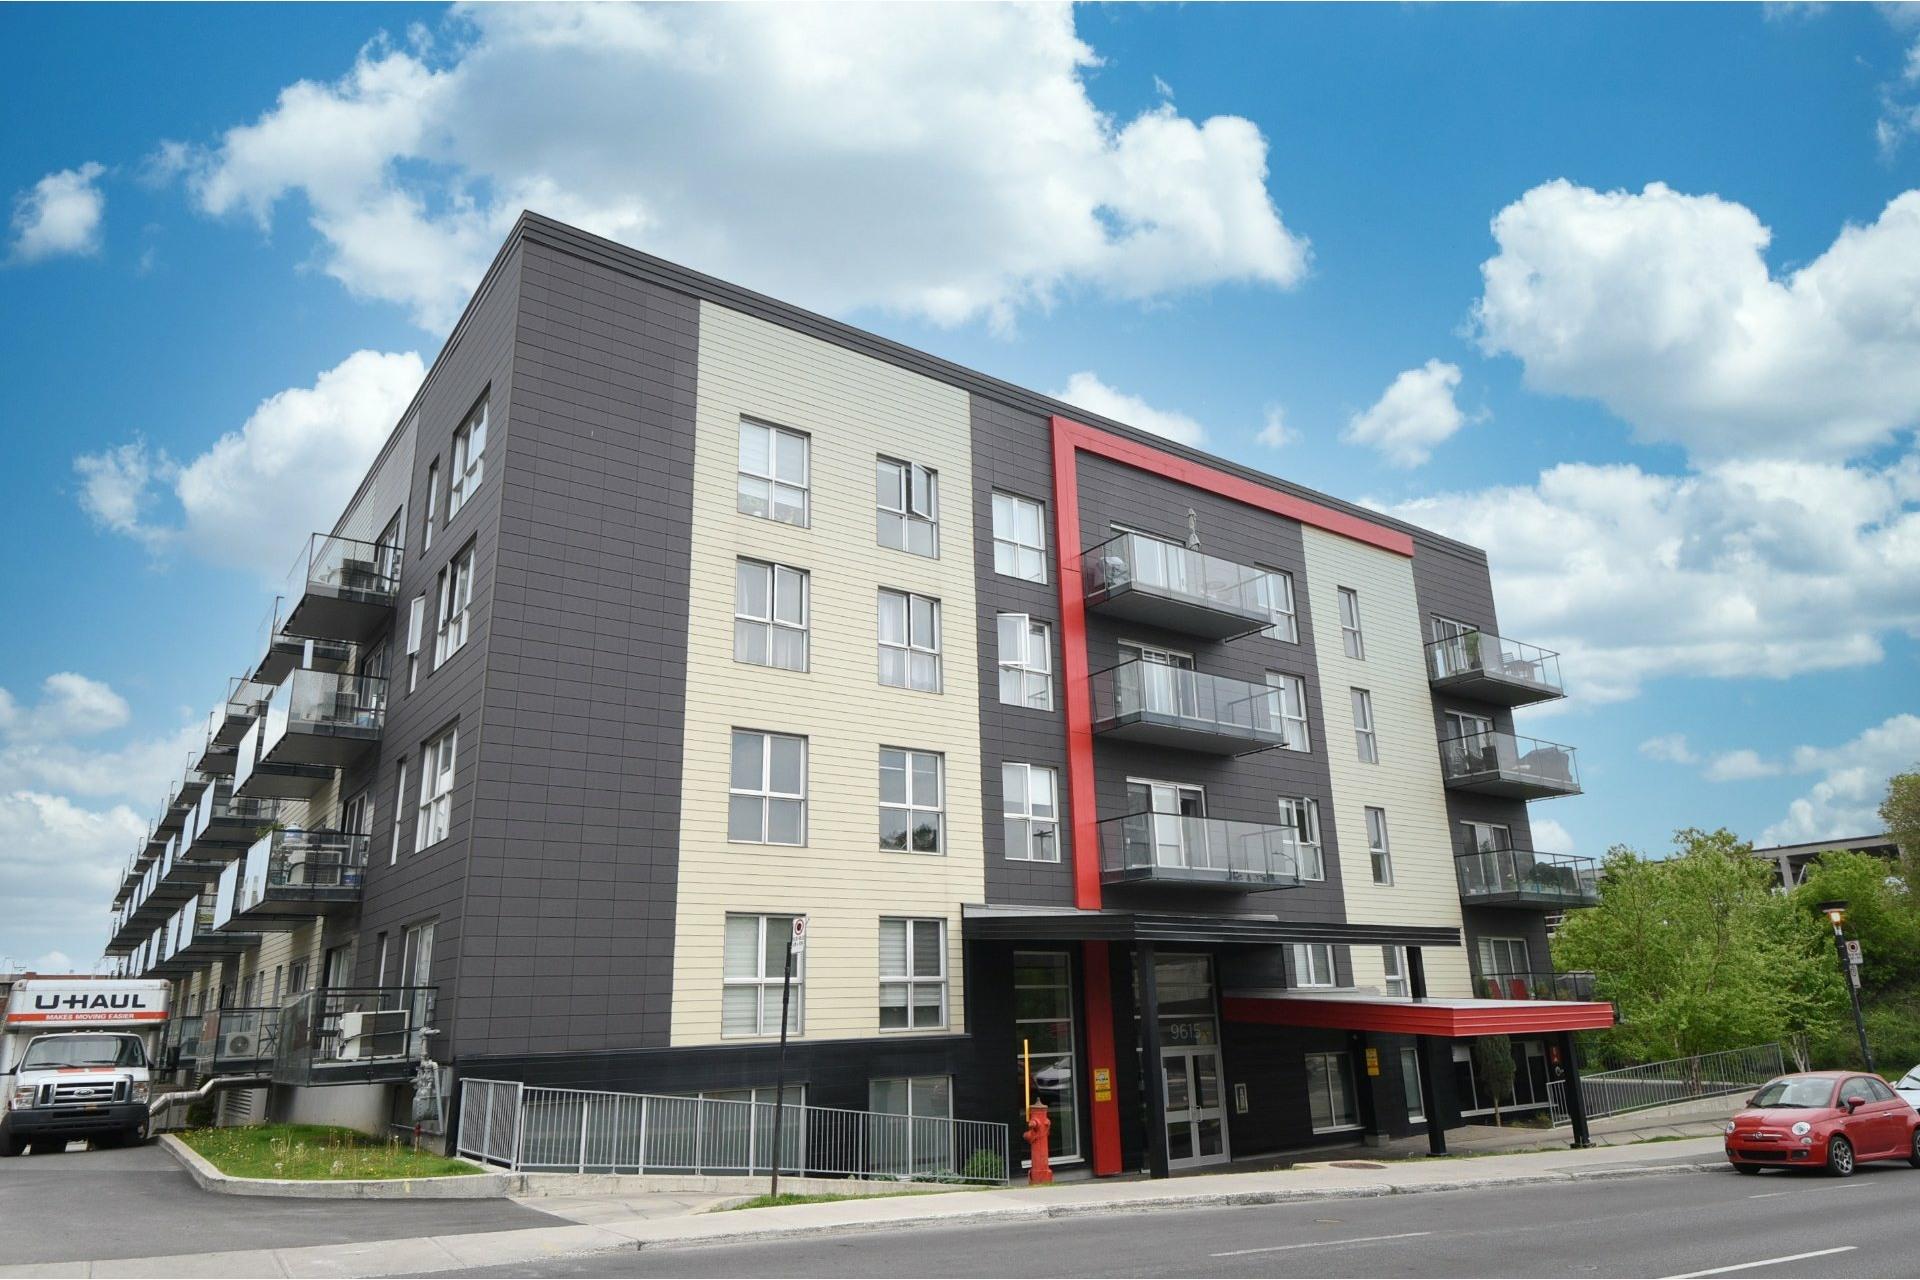 image 1 - Appartement À vendre Ahuntsic-Cartierville Montréal  - 5 pièces